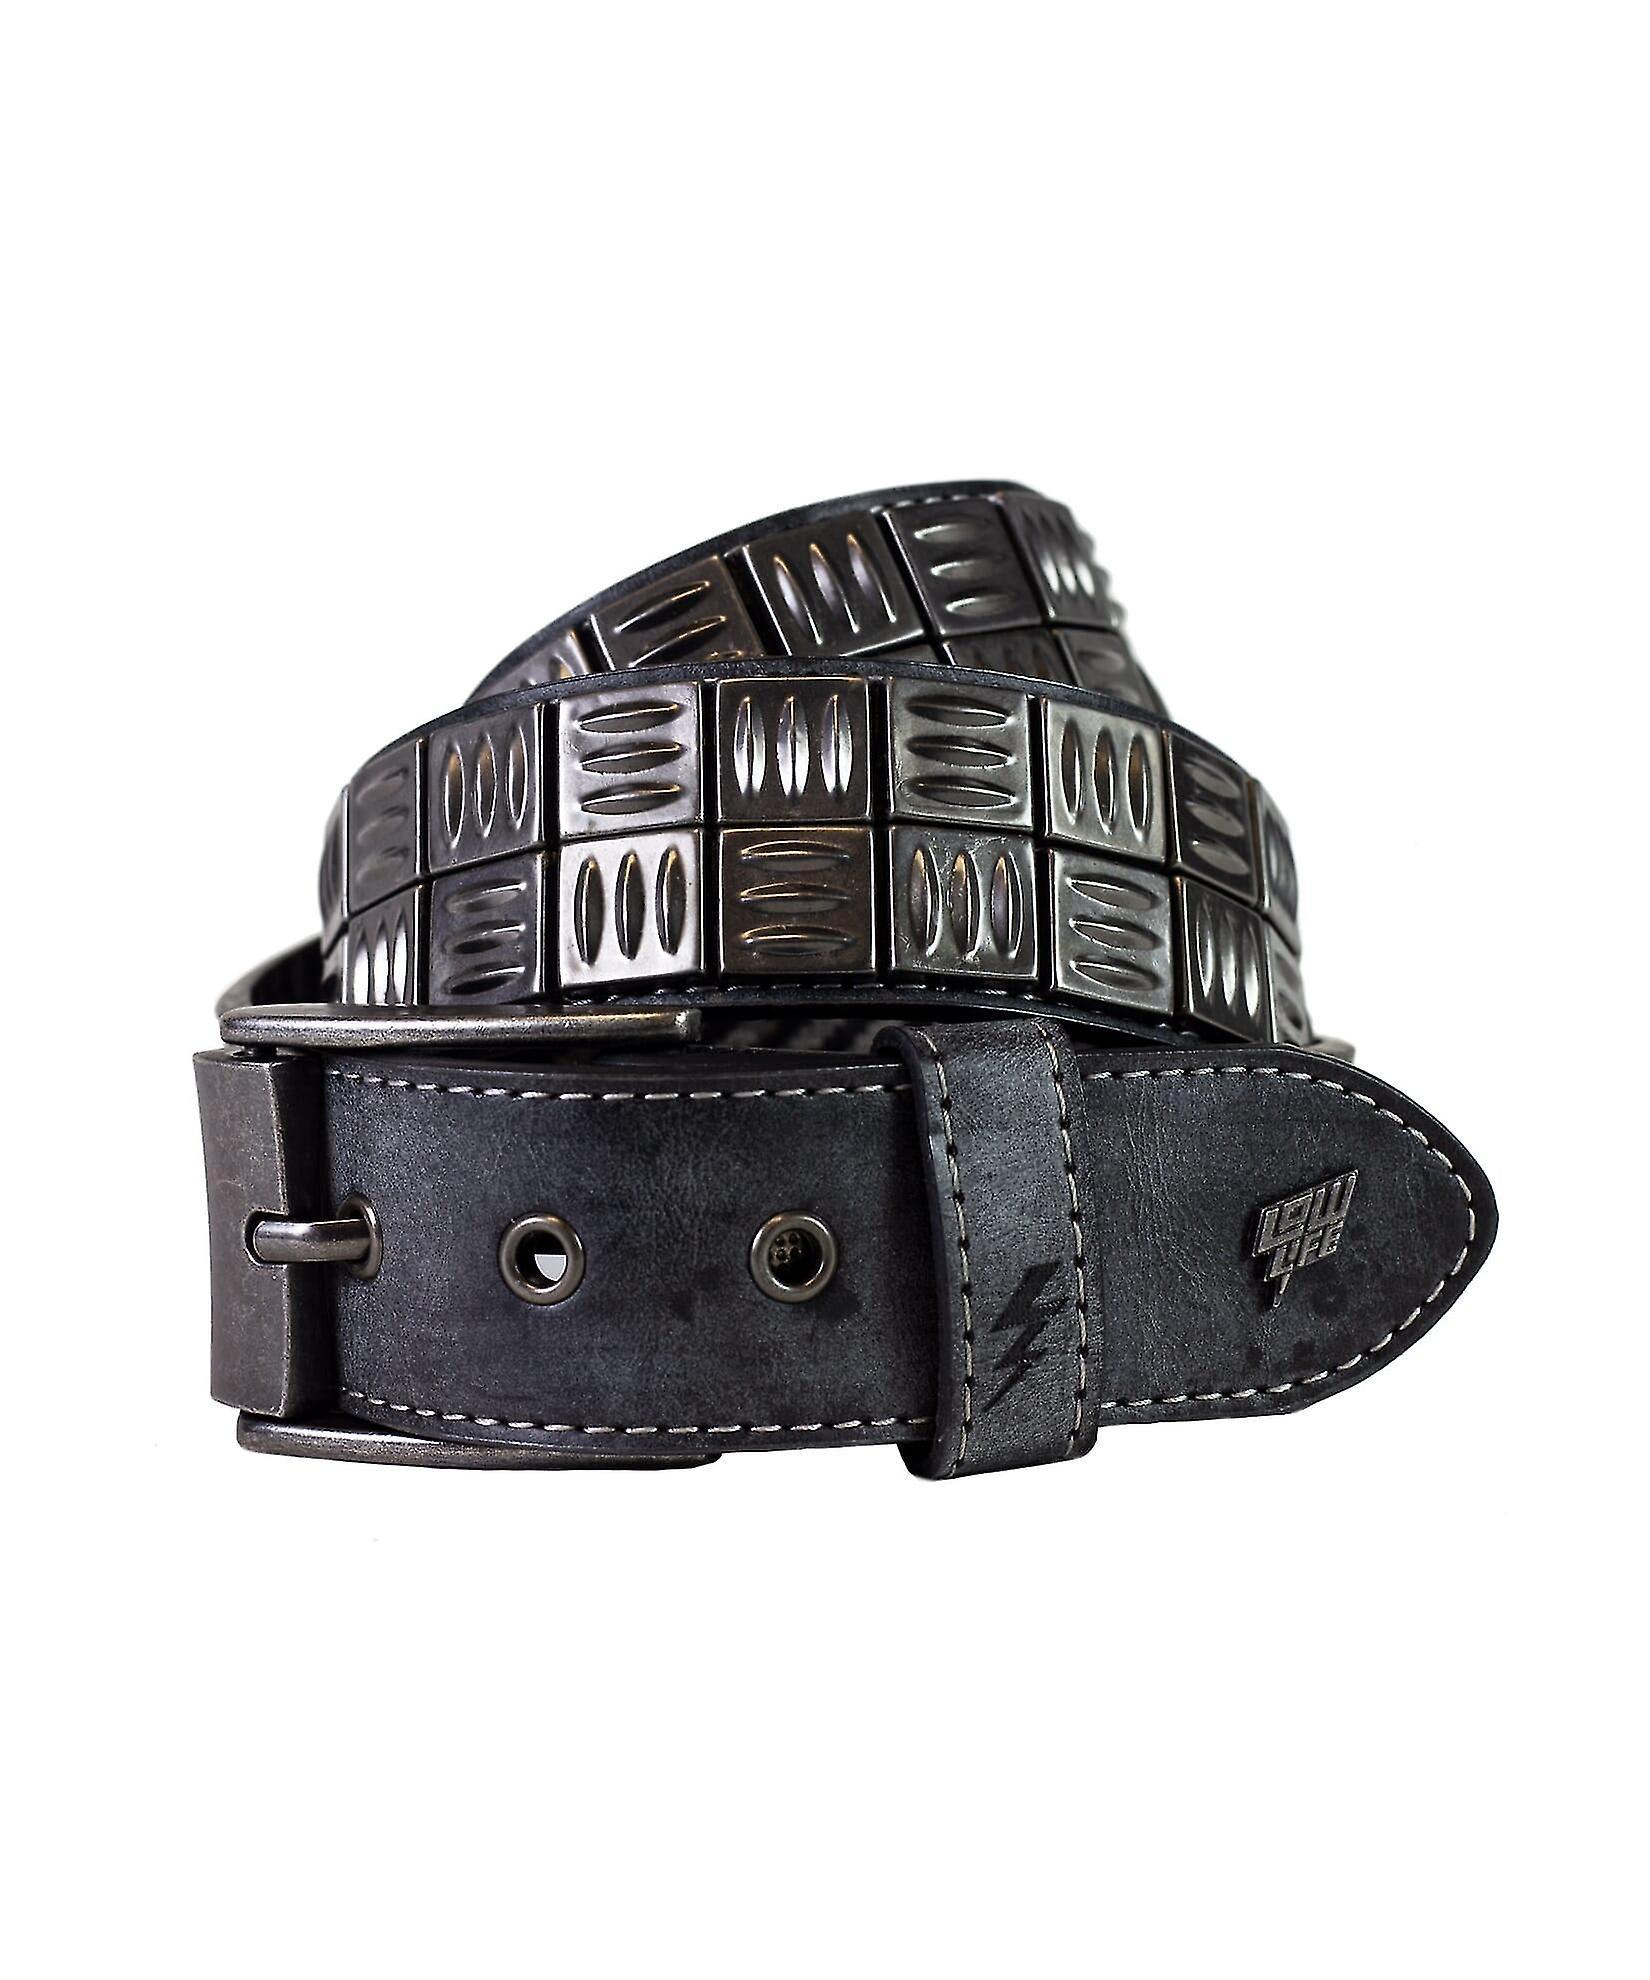 Lowlife Grip Leather Belt in Slate